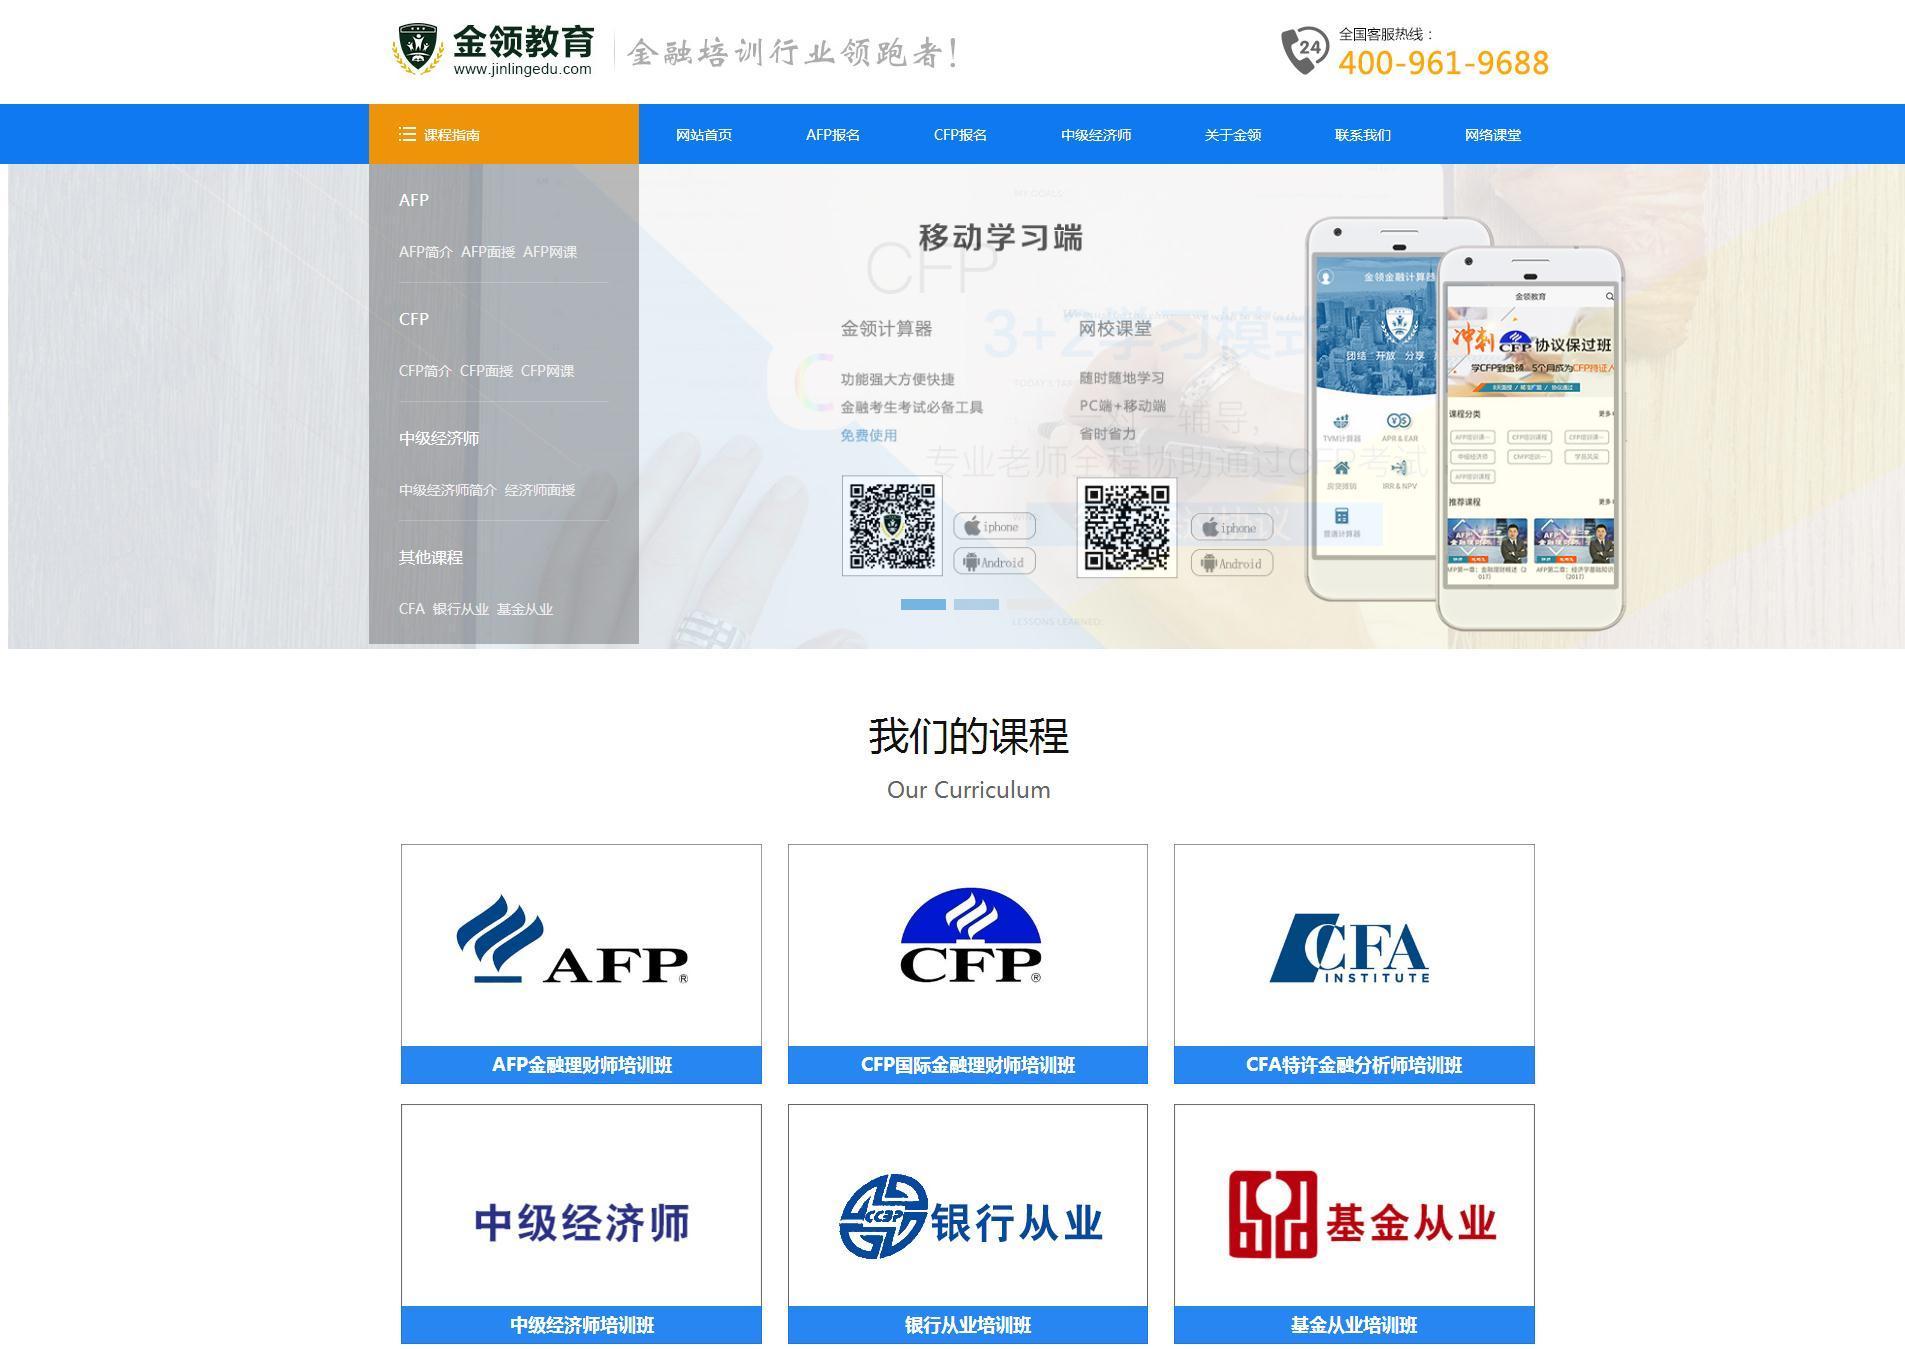 郑州ope官方ope官方ope官方网站下载下载下载建设教育培训案例